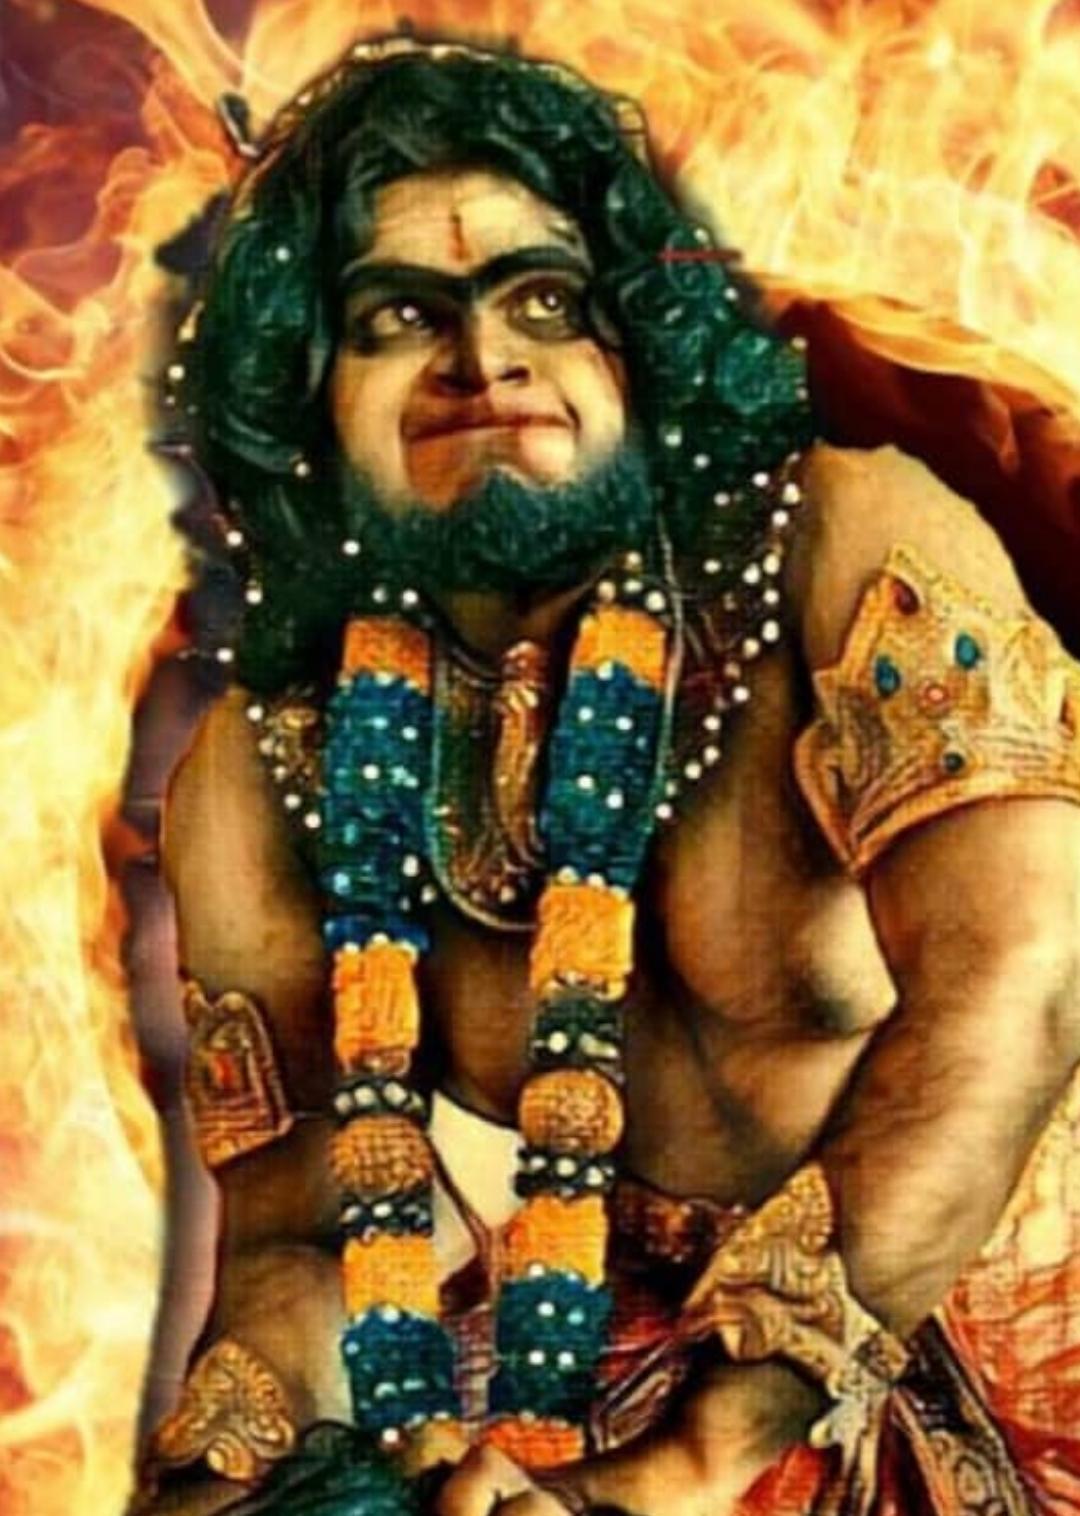 Vali (Ramayana) - Wikipedia